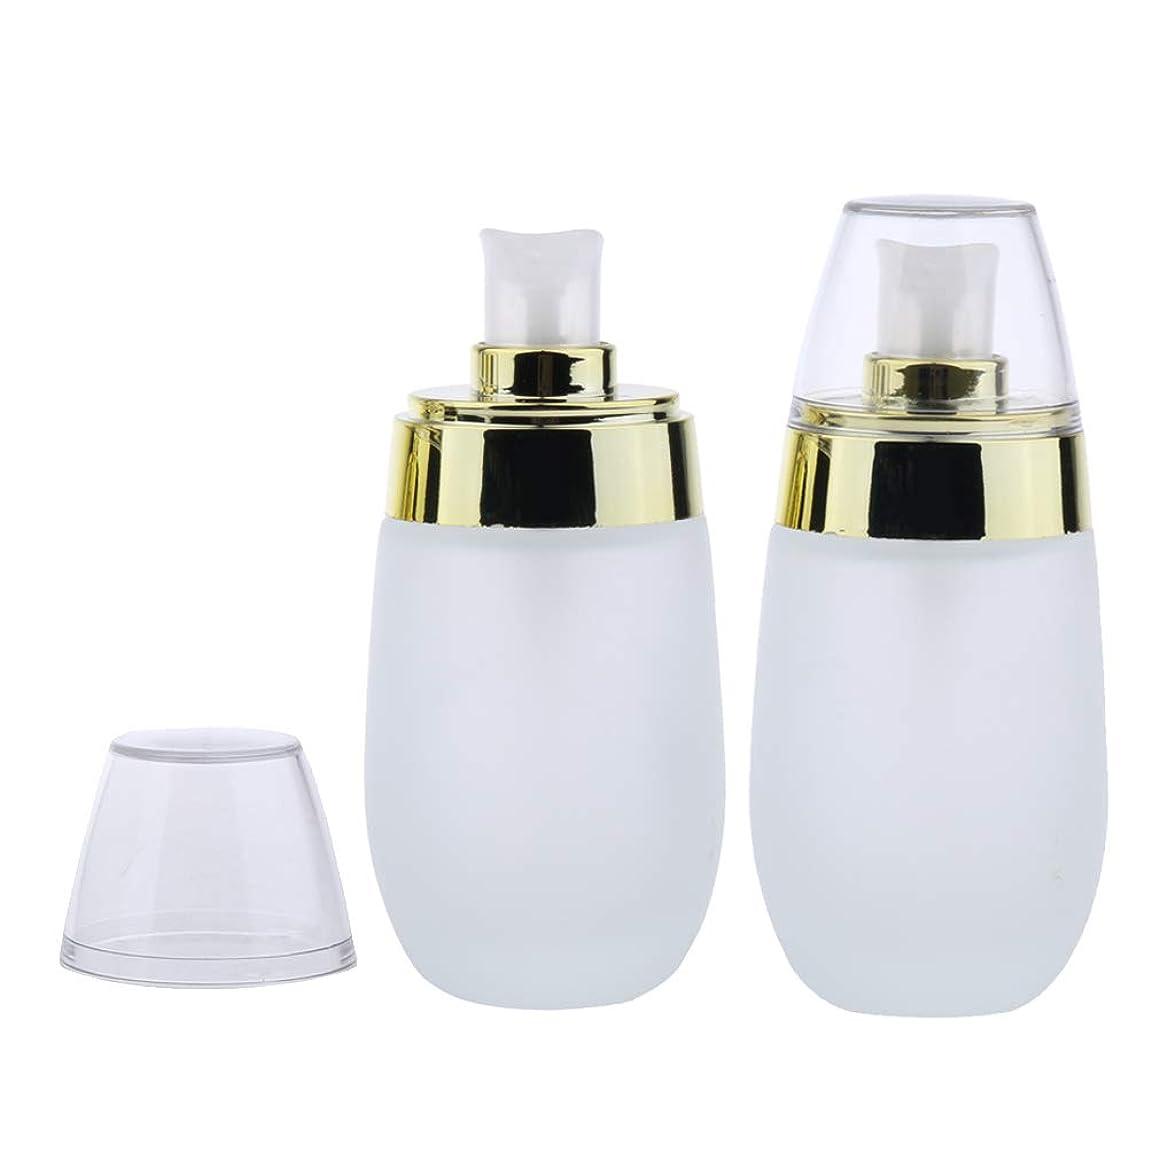 固有の価値取り戻すFLAMEER 泡立て ポンプボトル 50ML 詰替え容器 乳液 洗面用品 収納 旅行用品 2本 漏れ防止 3色選ぶ - ゴールド